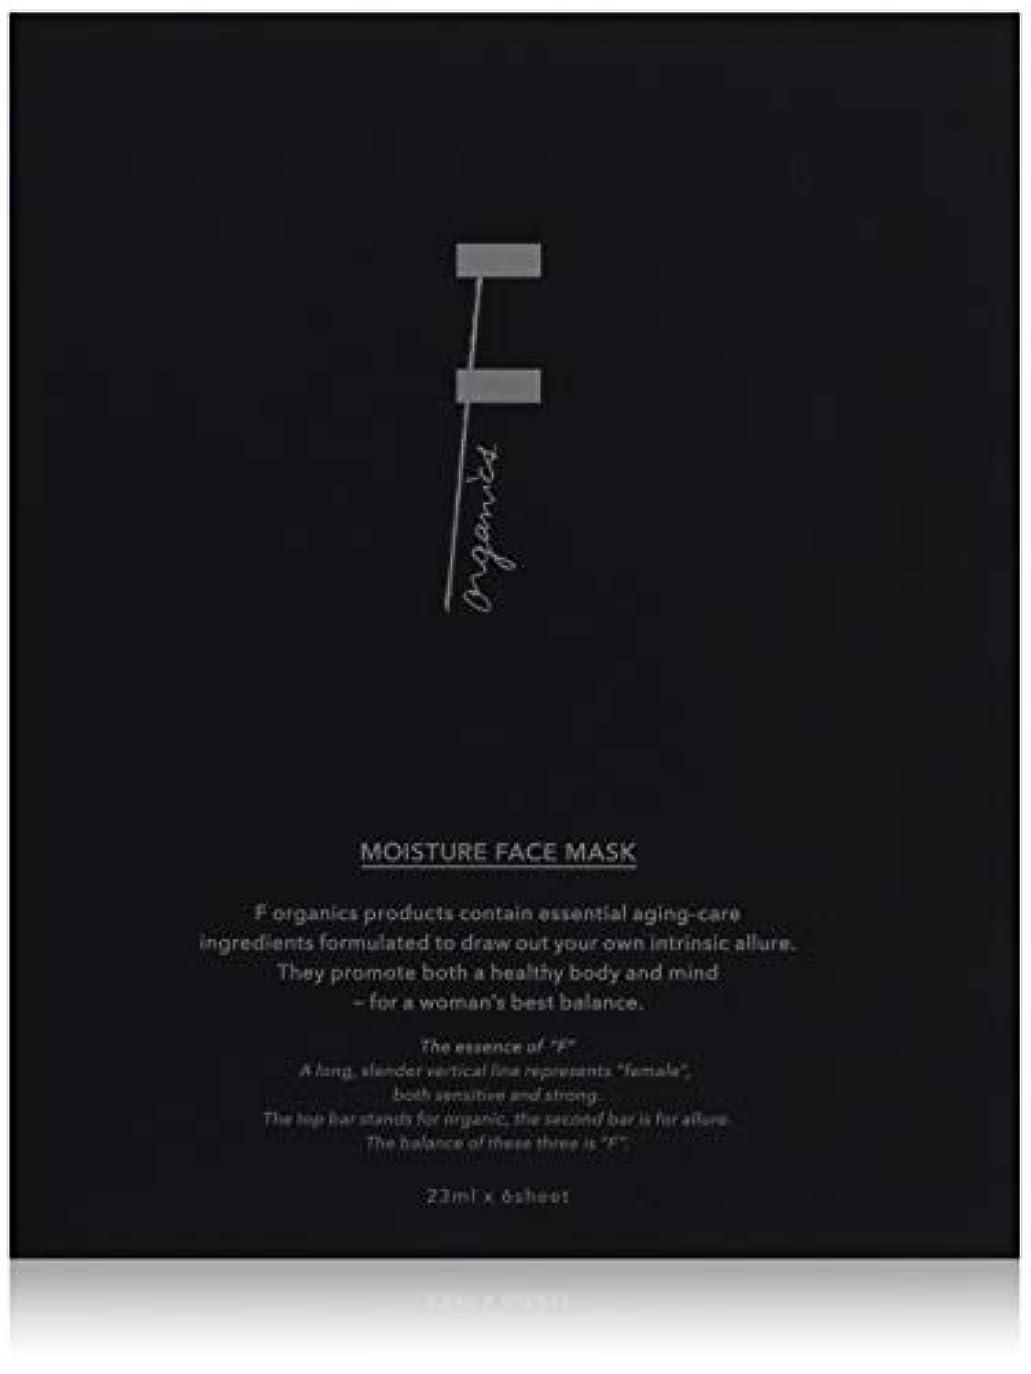 ハシー晩ごはん青写真F organics(エッフェオーガニック) モイスチャーフェイスマスク(23ml×6枚入)